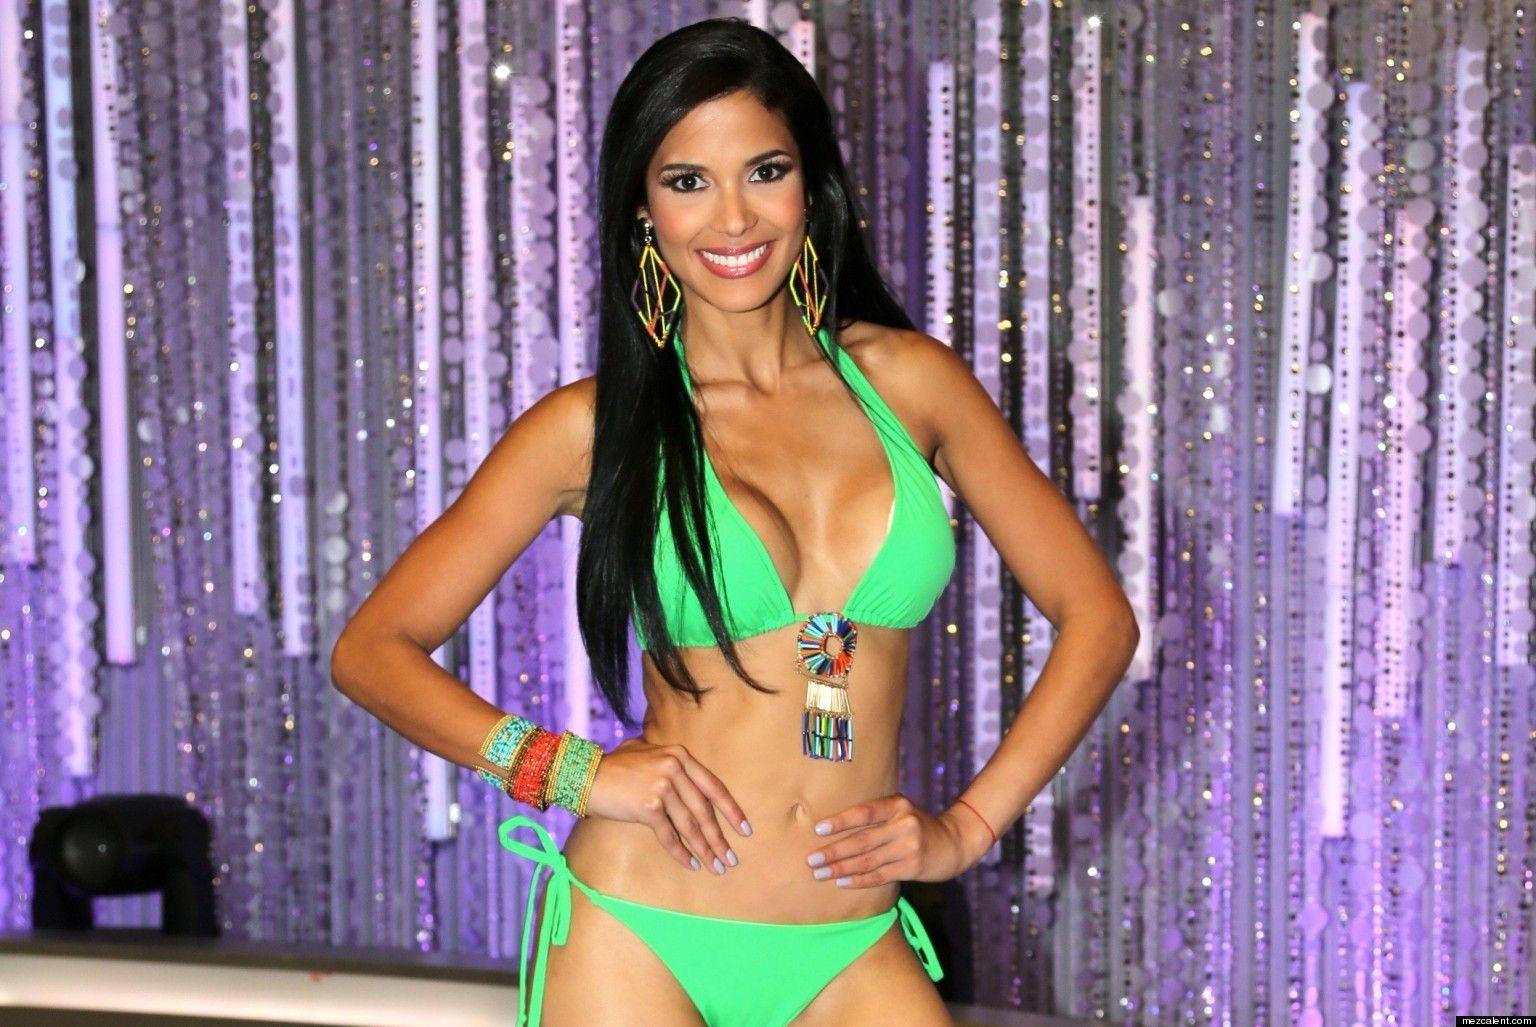 Mujer desnuda de nuestra belleza latina foto 273